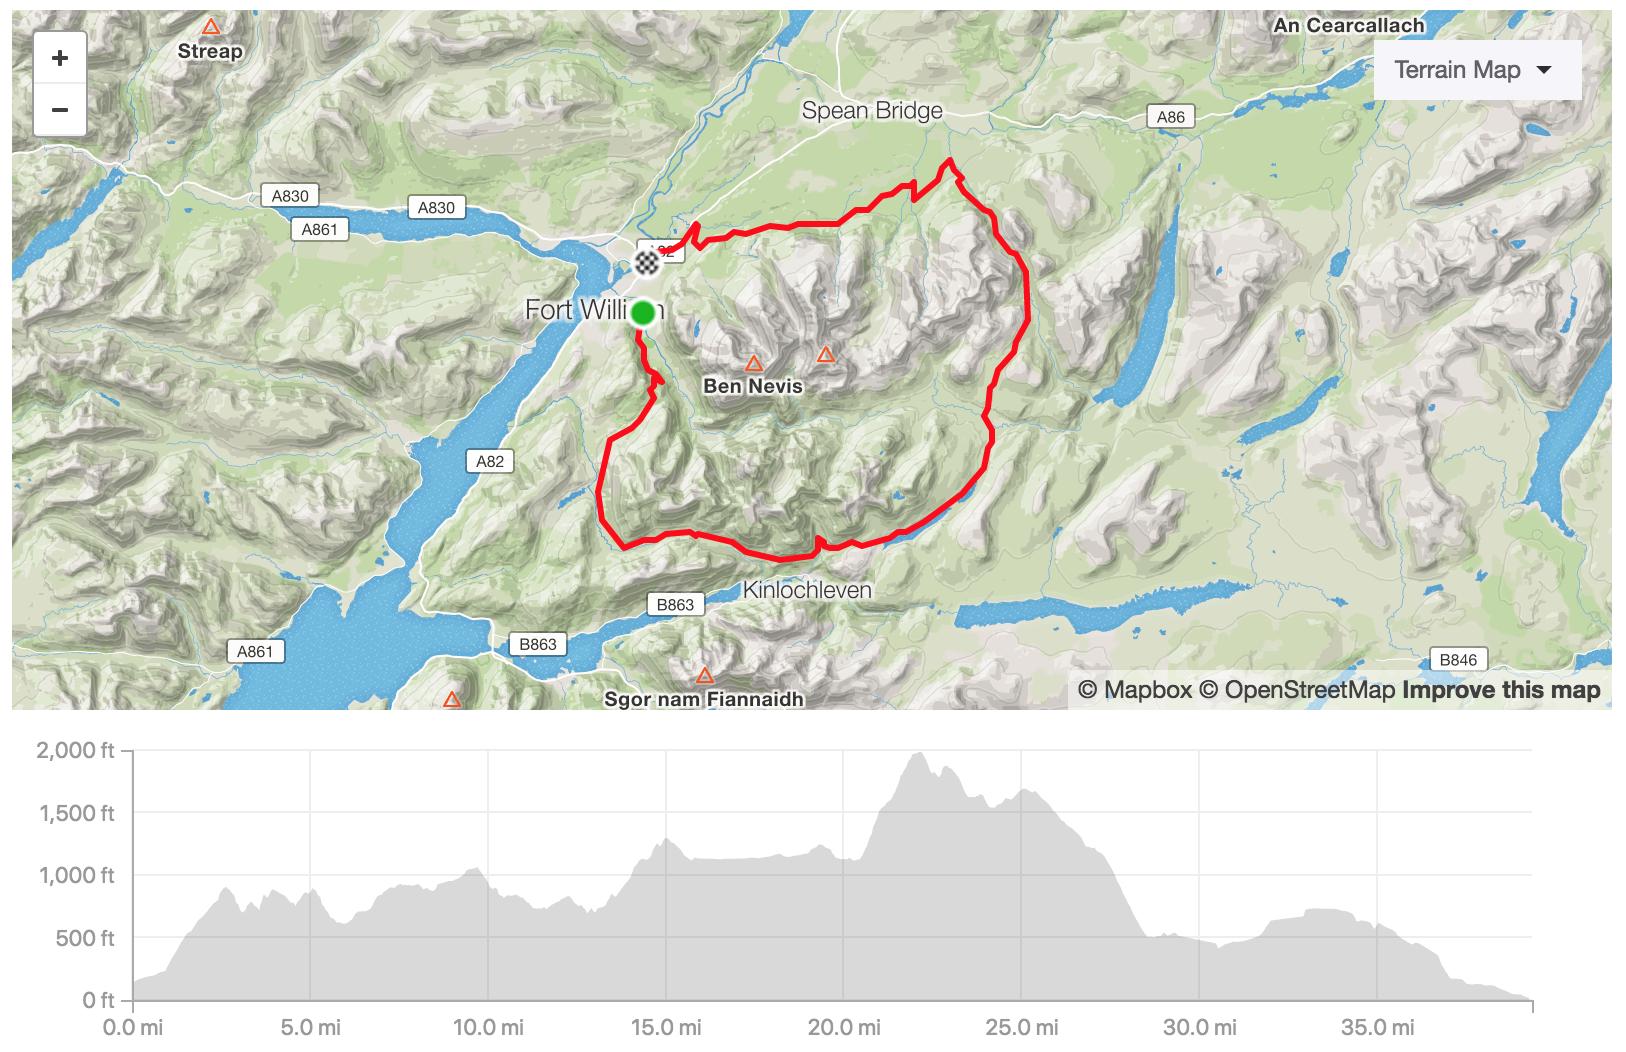 map of marathon de ben nevis